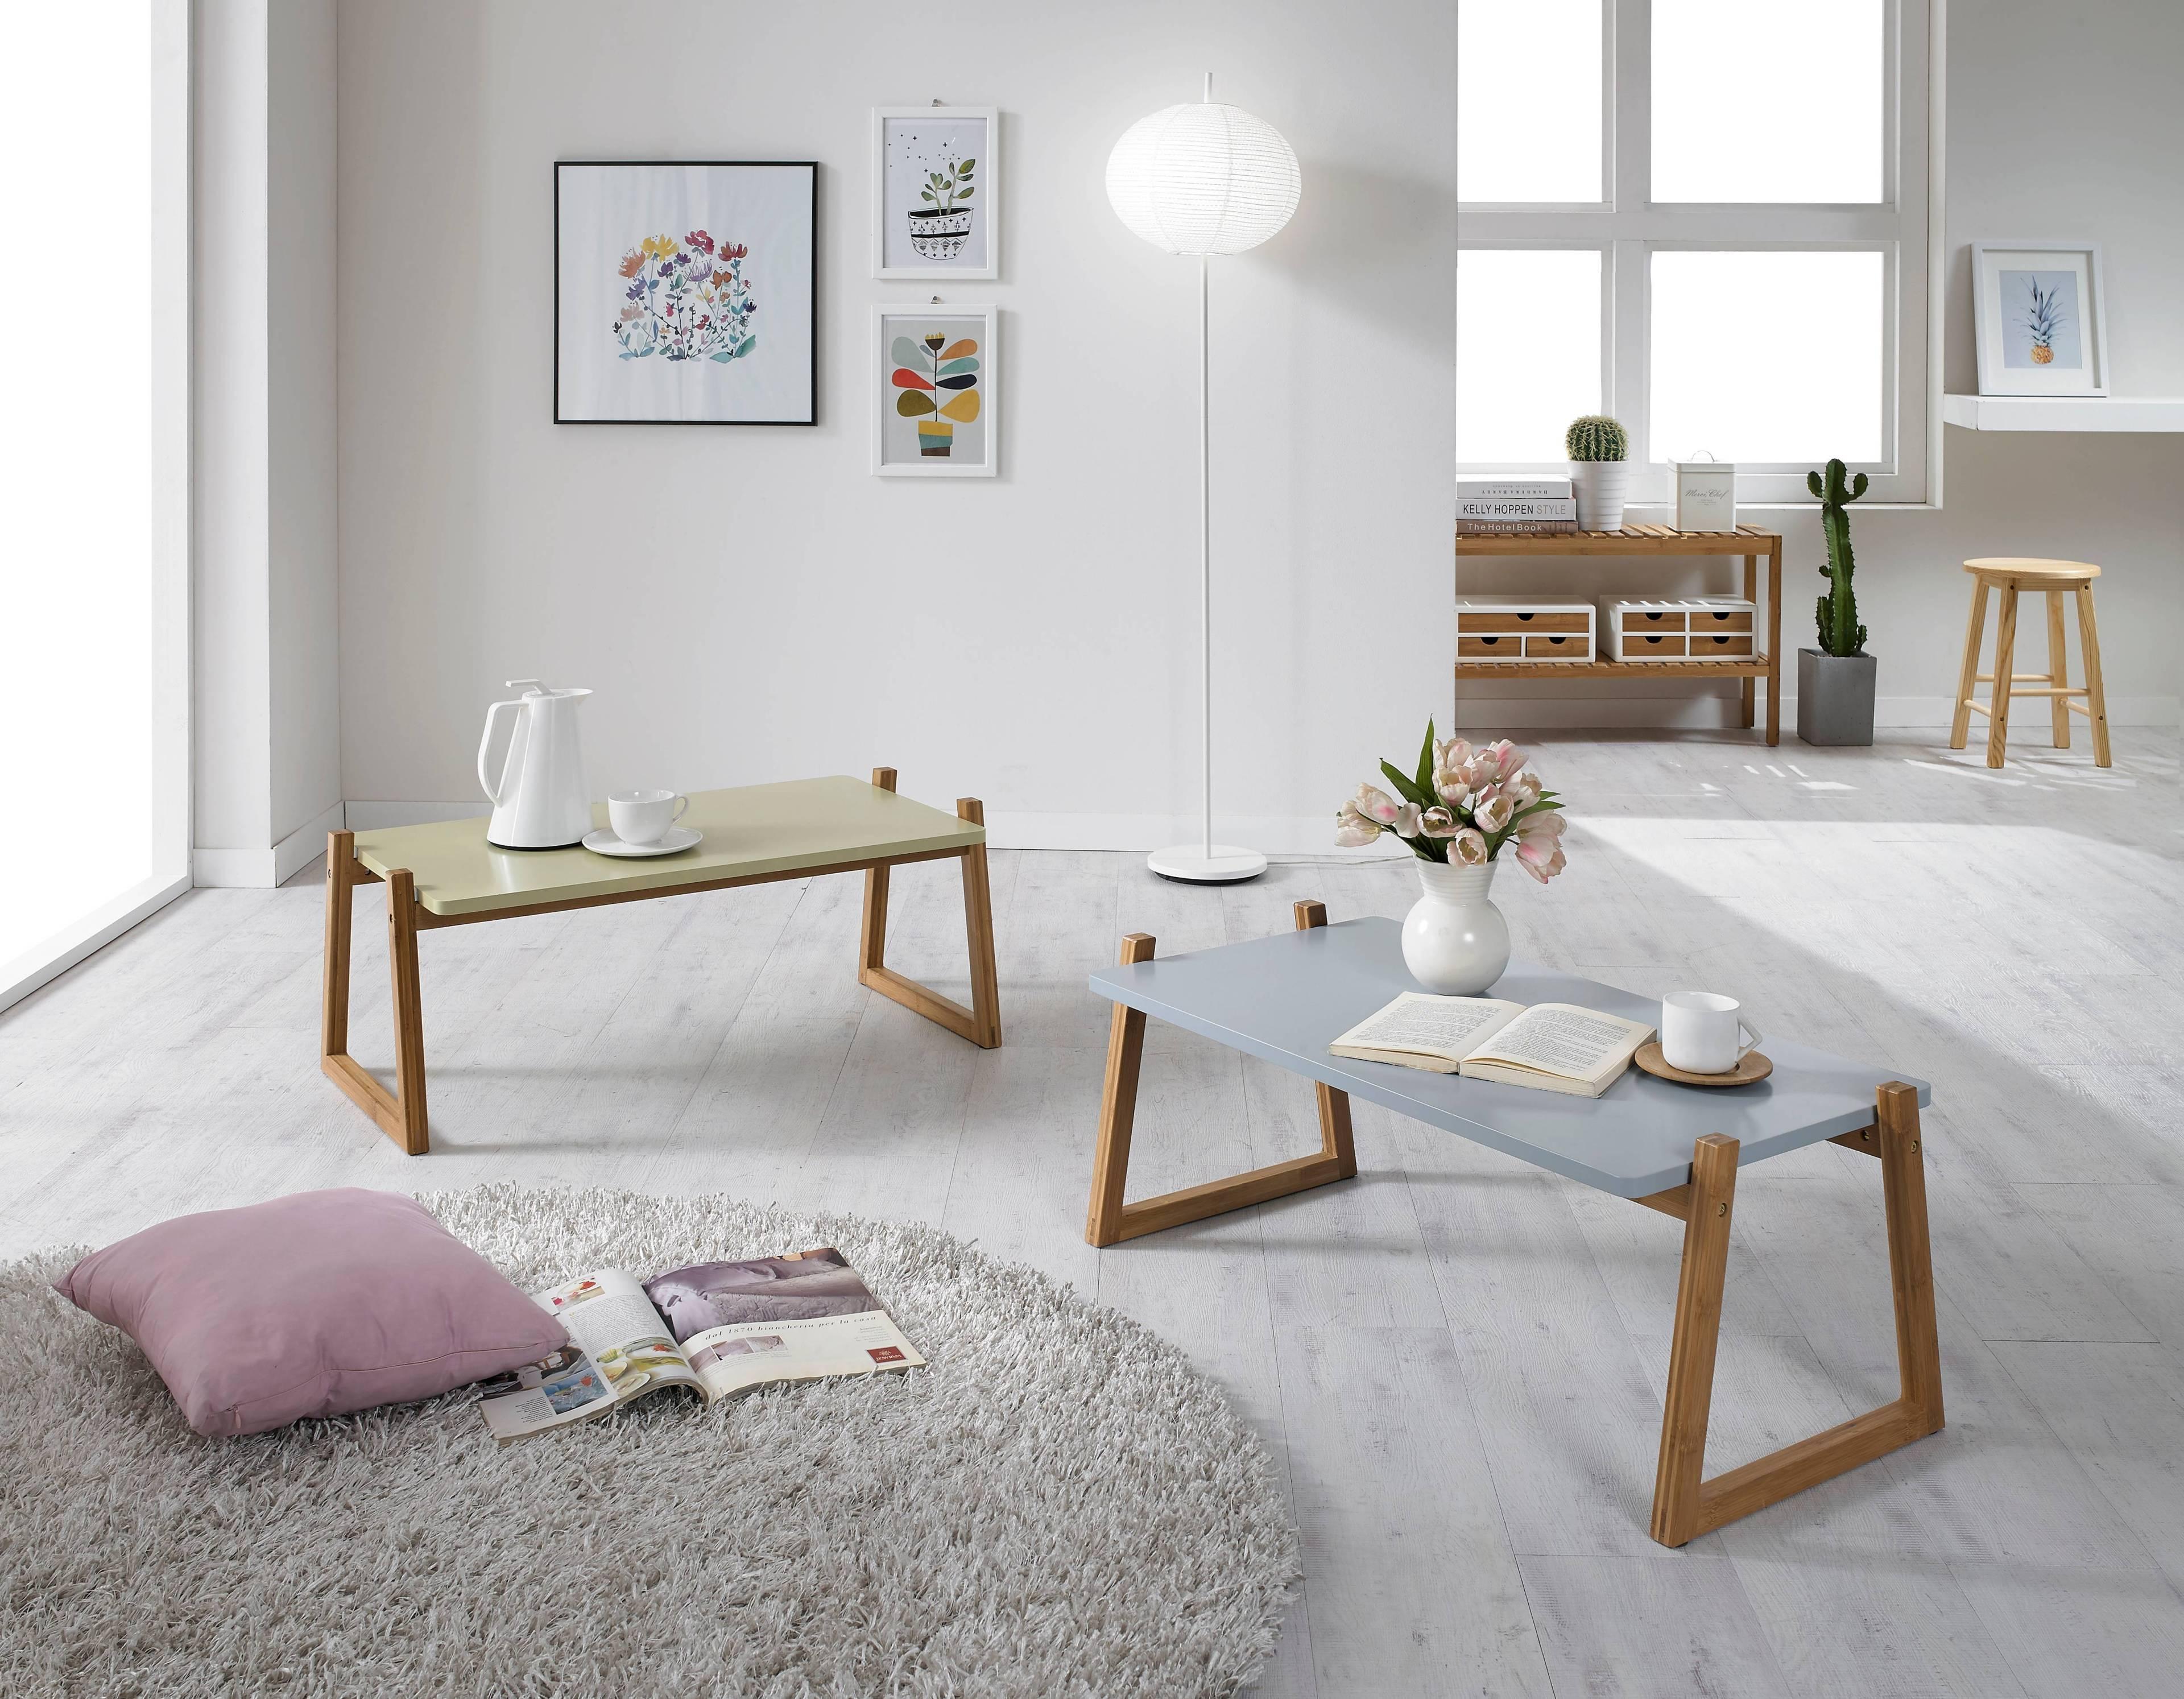 ご注文で当日配送 丈夫で環境と人に優しい素材 テーブル ローテーブル 即納最大半額 北欧 センターテーブル おしゃれ 幅90cm ちゃぶ台 カフェテーブル